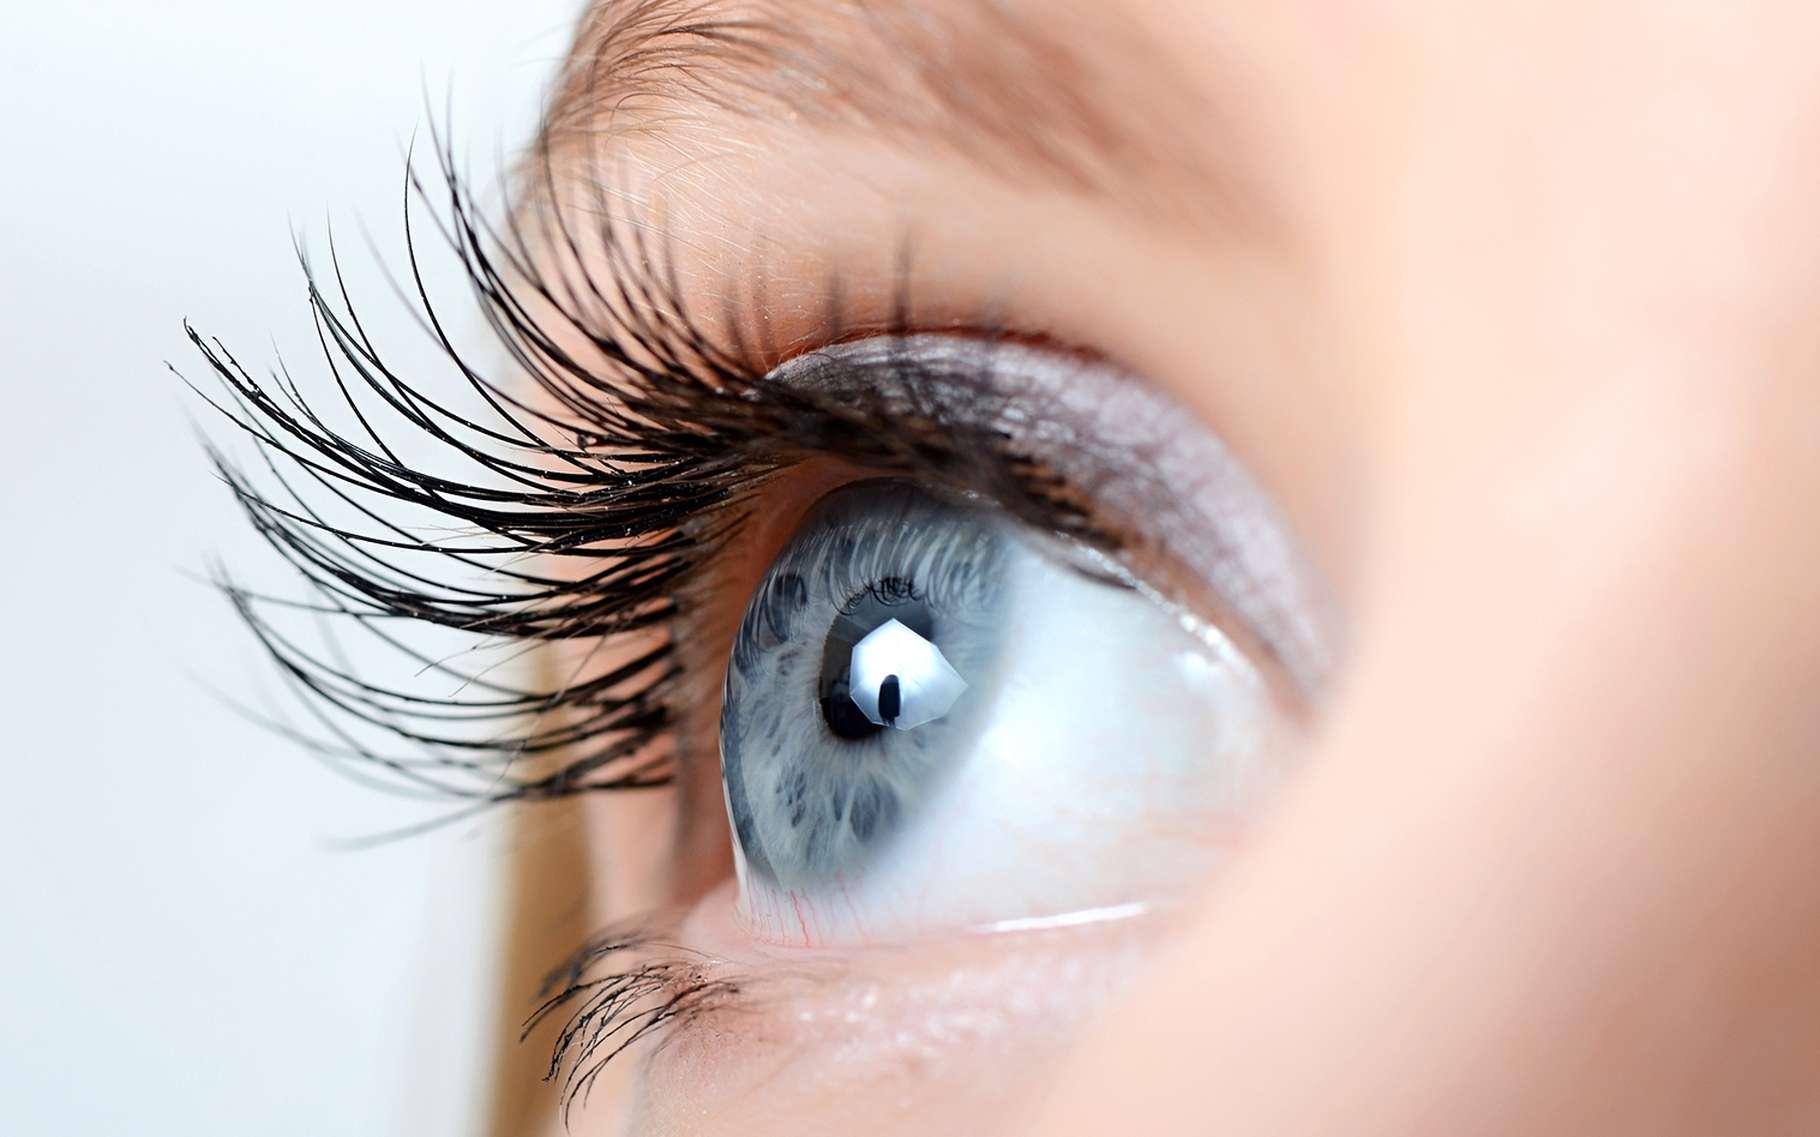 L'œil humain serait-il un extraordinaire photodétecteur ? C'est ce que suggère une nouvelle étude. © Voronin76, Shutterstock